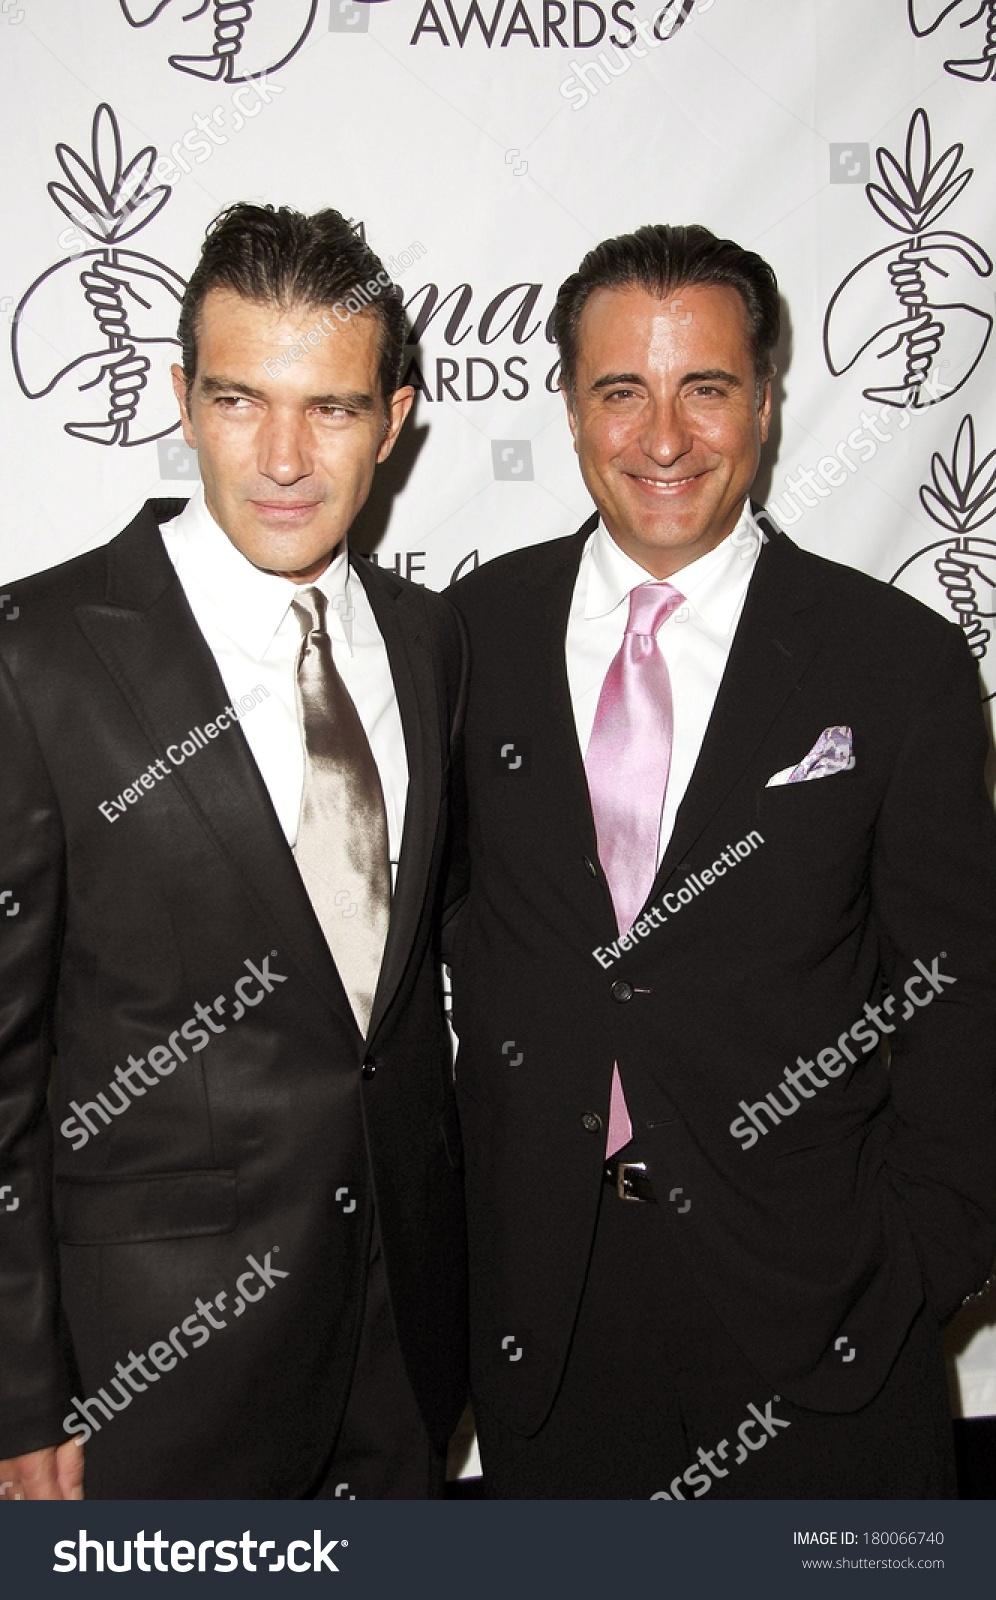 ¿Cuánto mide Andy García? - Real height Stock-photo-antonio-banderas-andy-garcia-at-st-annual-imagen-awards-arrivals-beverly-hilton-hotel-los-180066740